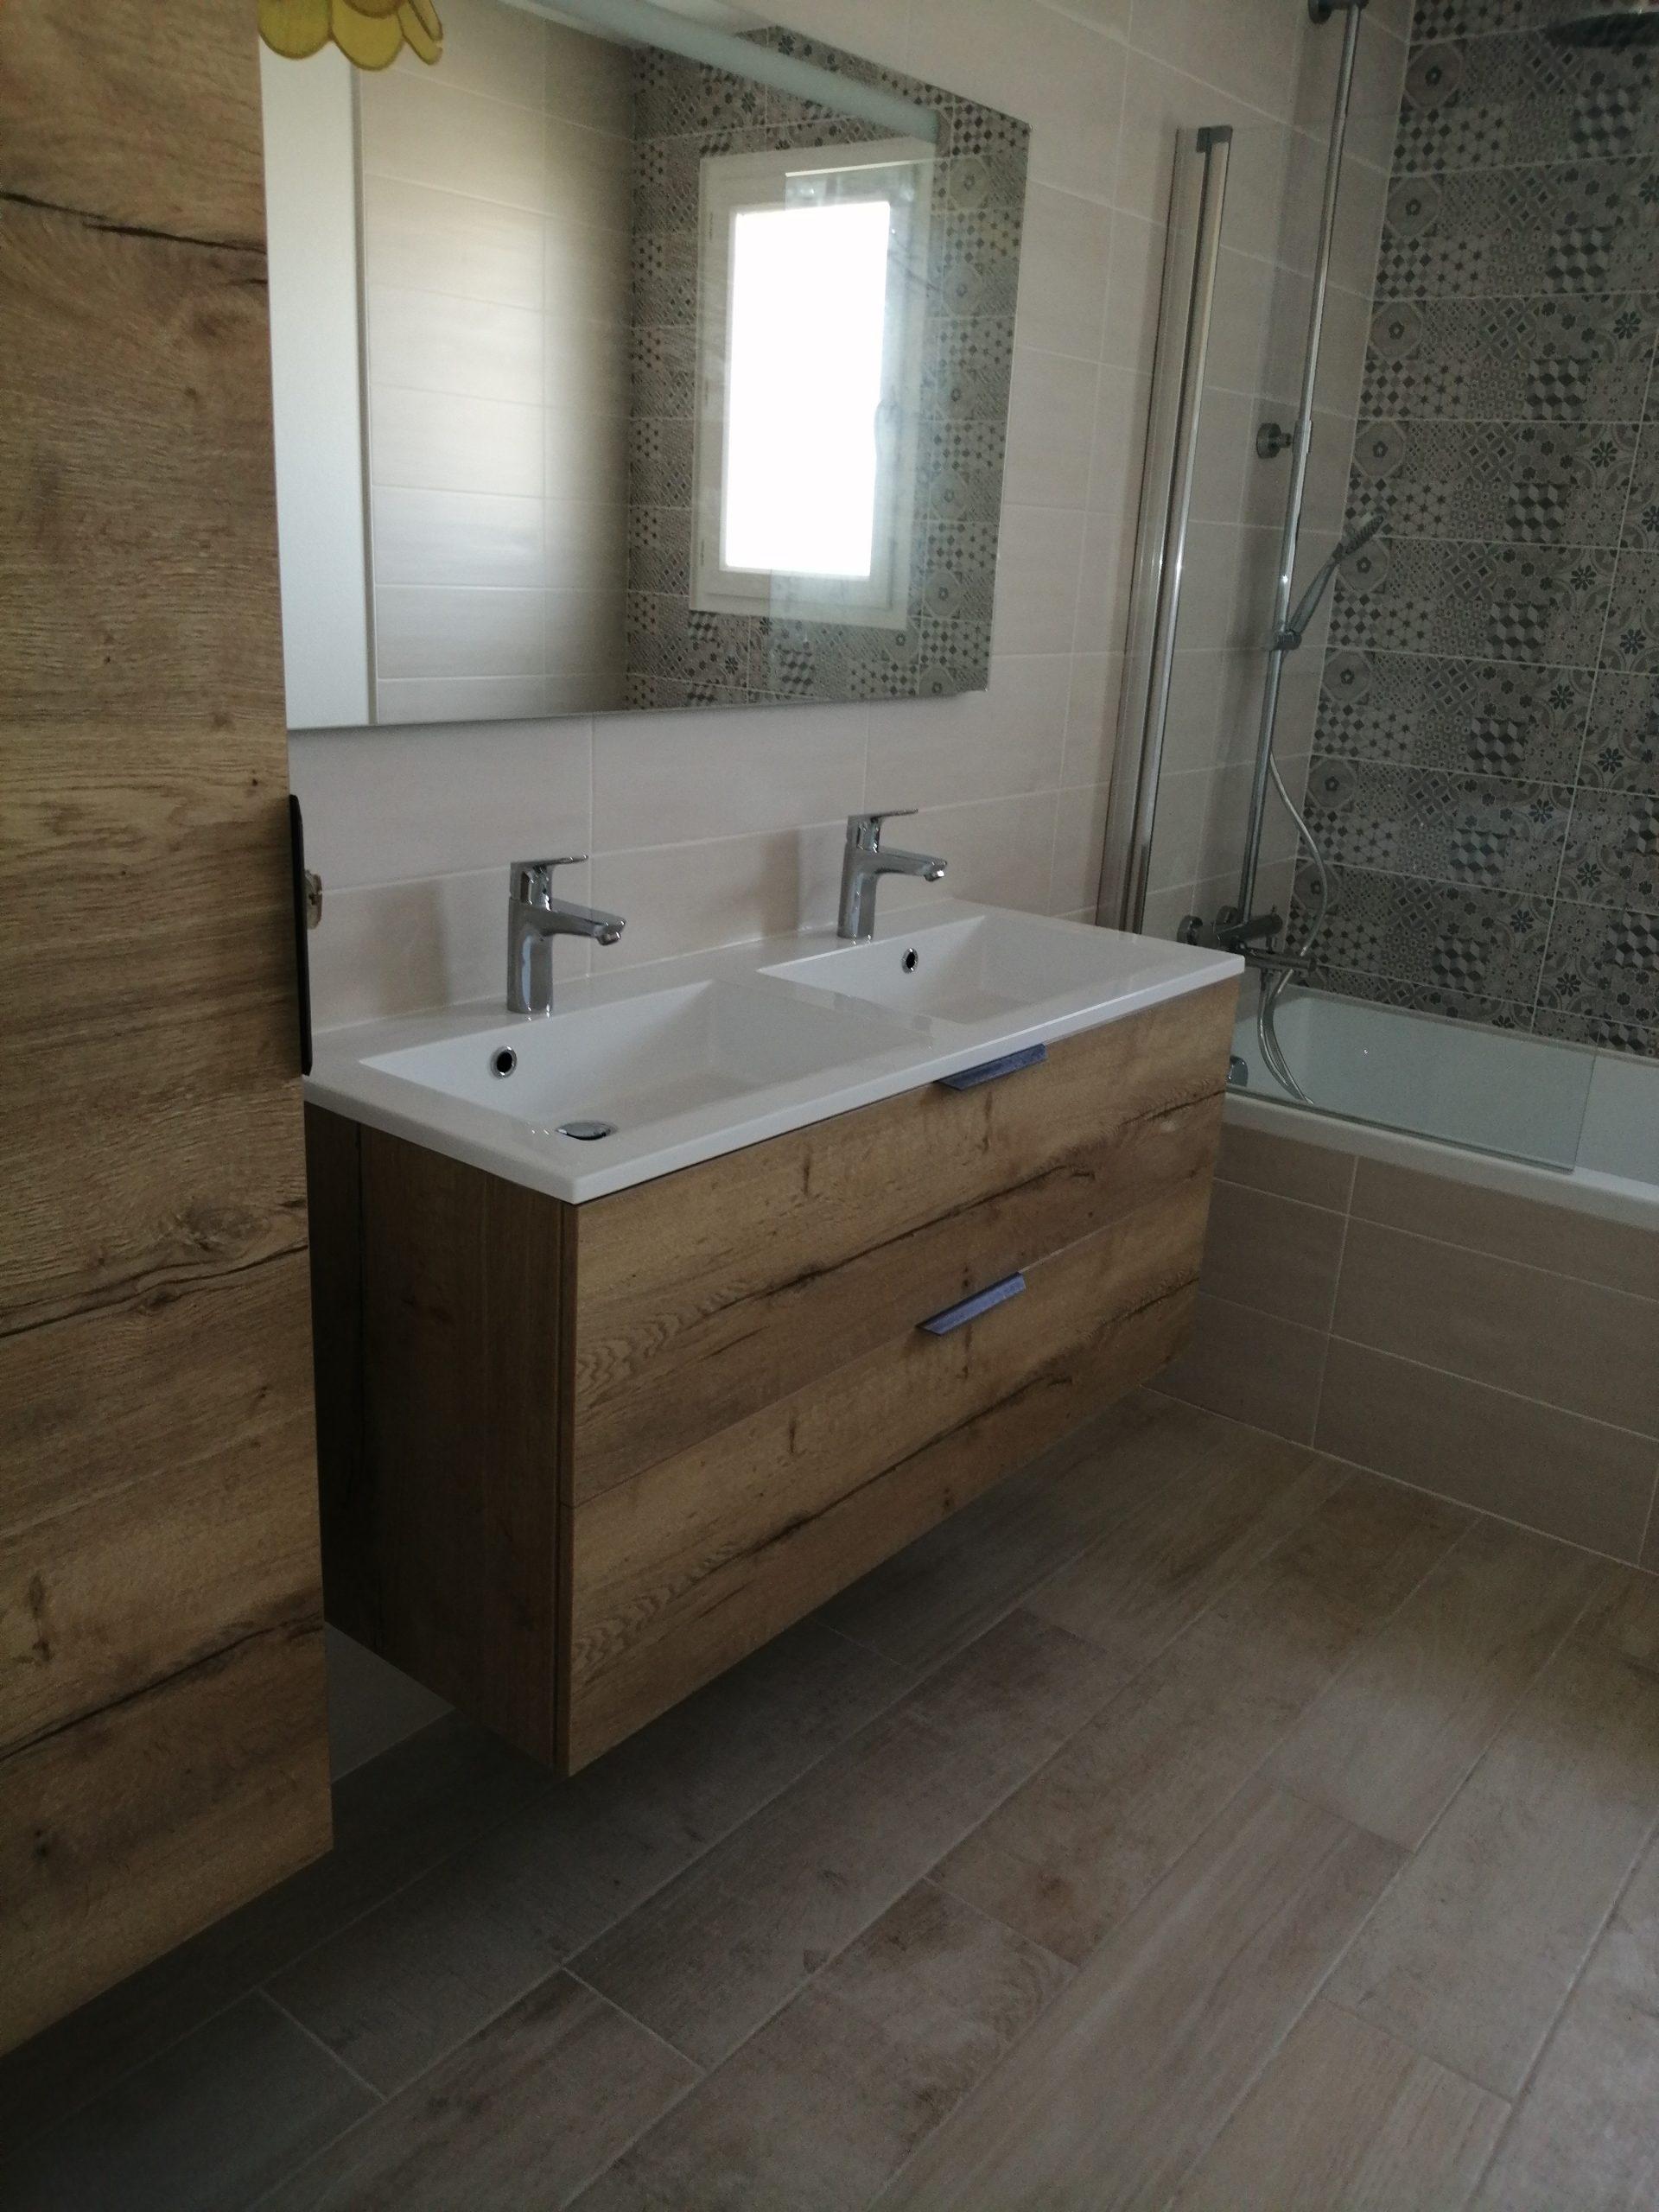 salle bain moderne scandinave vasque boissalle bain moderne scandinave vasque bois blanchet